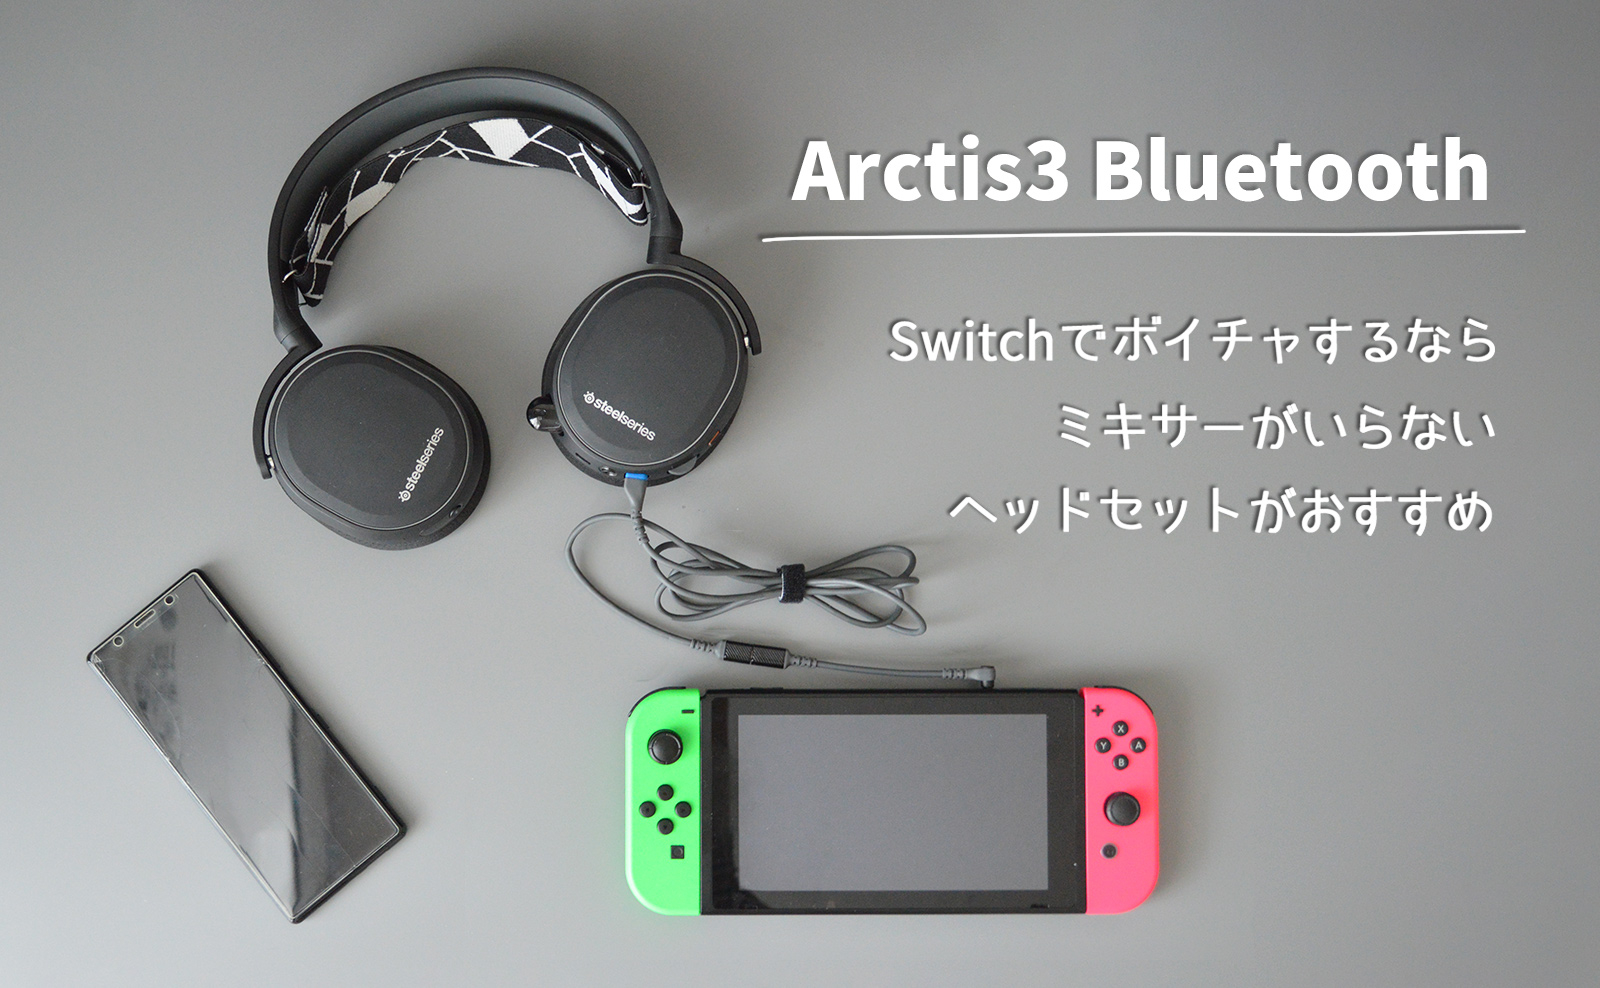 【Switch】ミキサー機能内蔵!ボイチャにはBluetooth付きヘッドセットがおすすめ